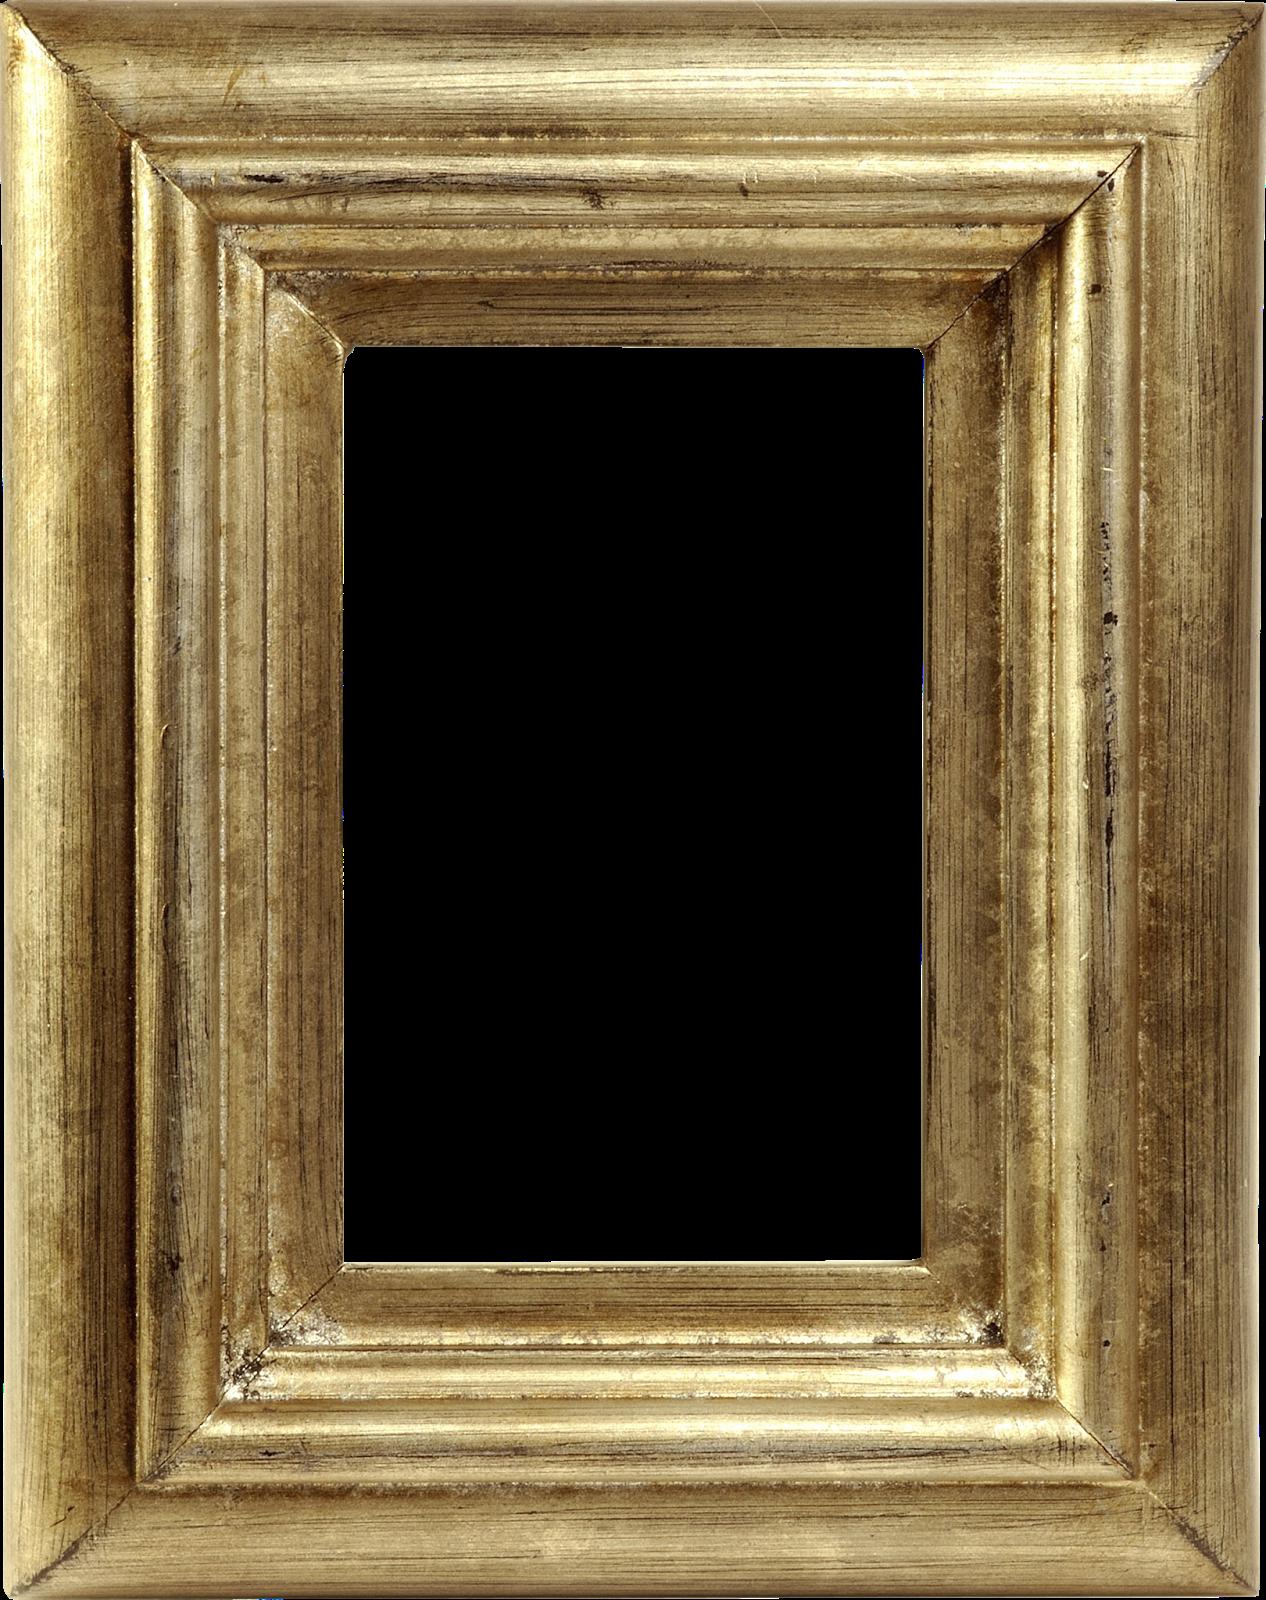 Marcos para fotos dorados fondos de pantalla y mucho m s - Marcos rusticos para fotos ...